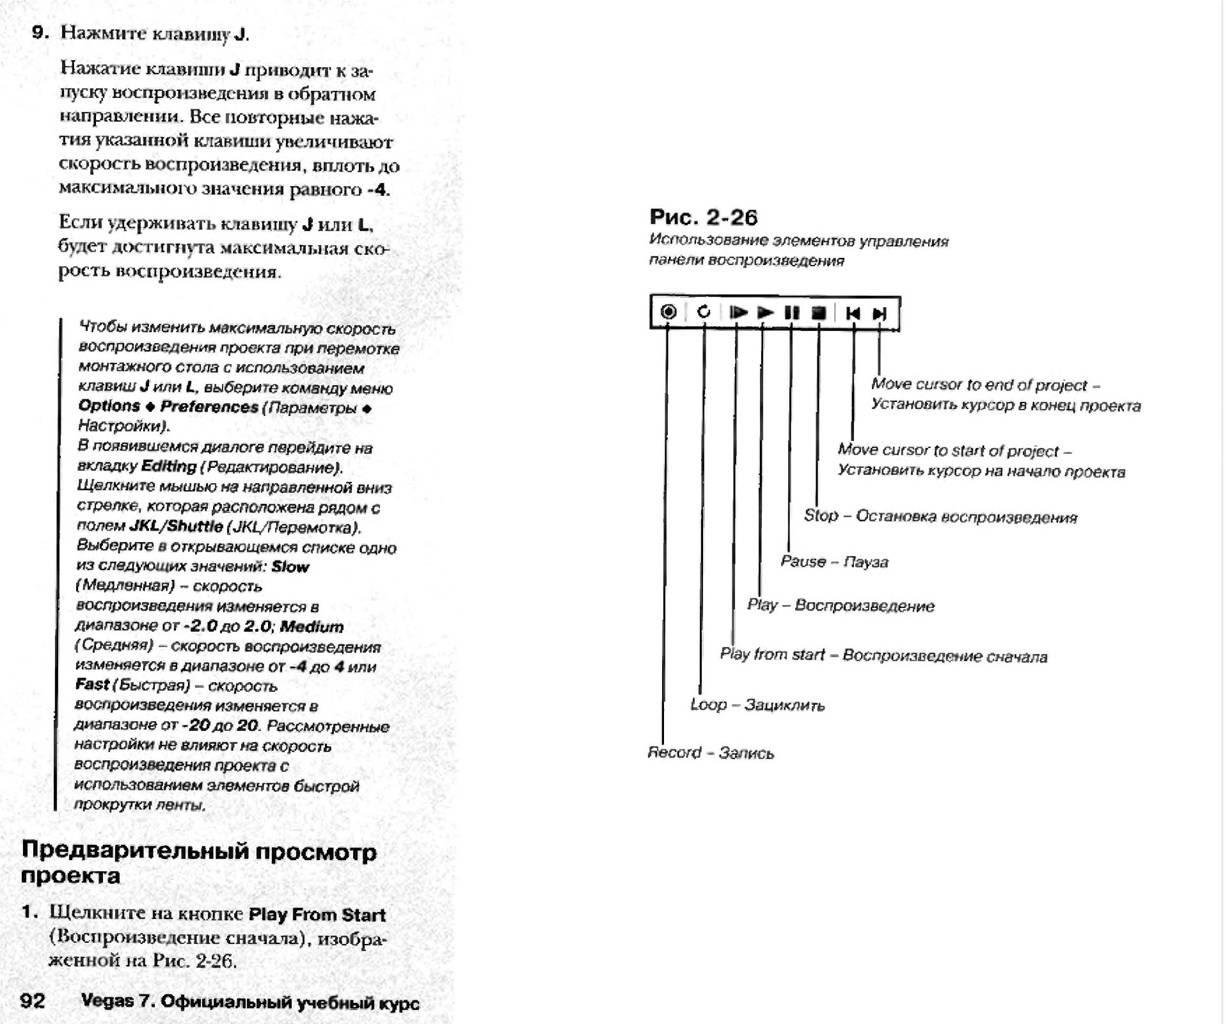 http://redaktori-uroki.3dn.ru/_ph/12/942648563.jpg